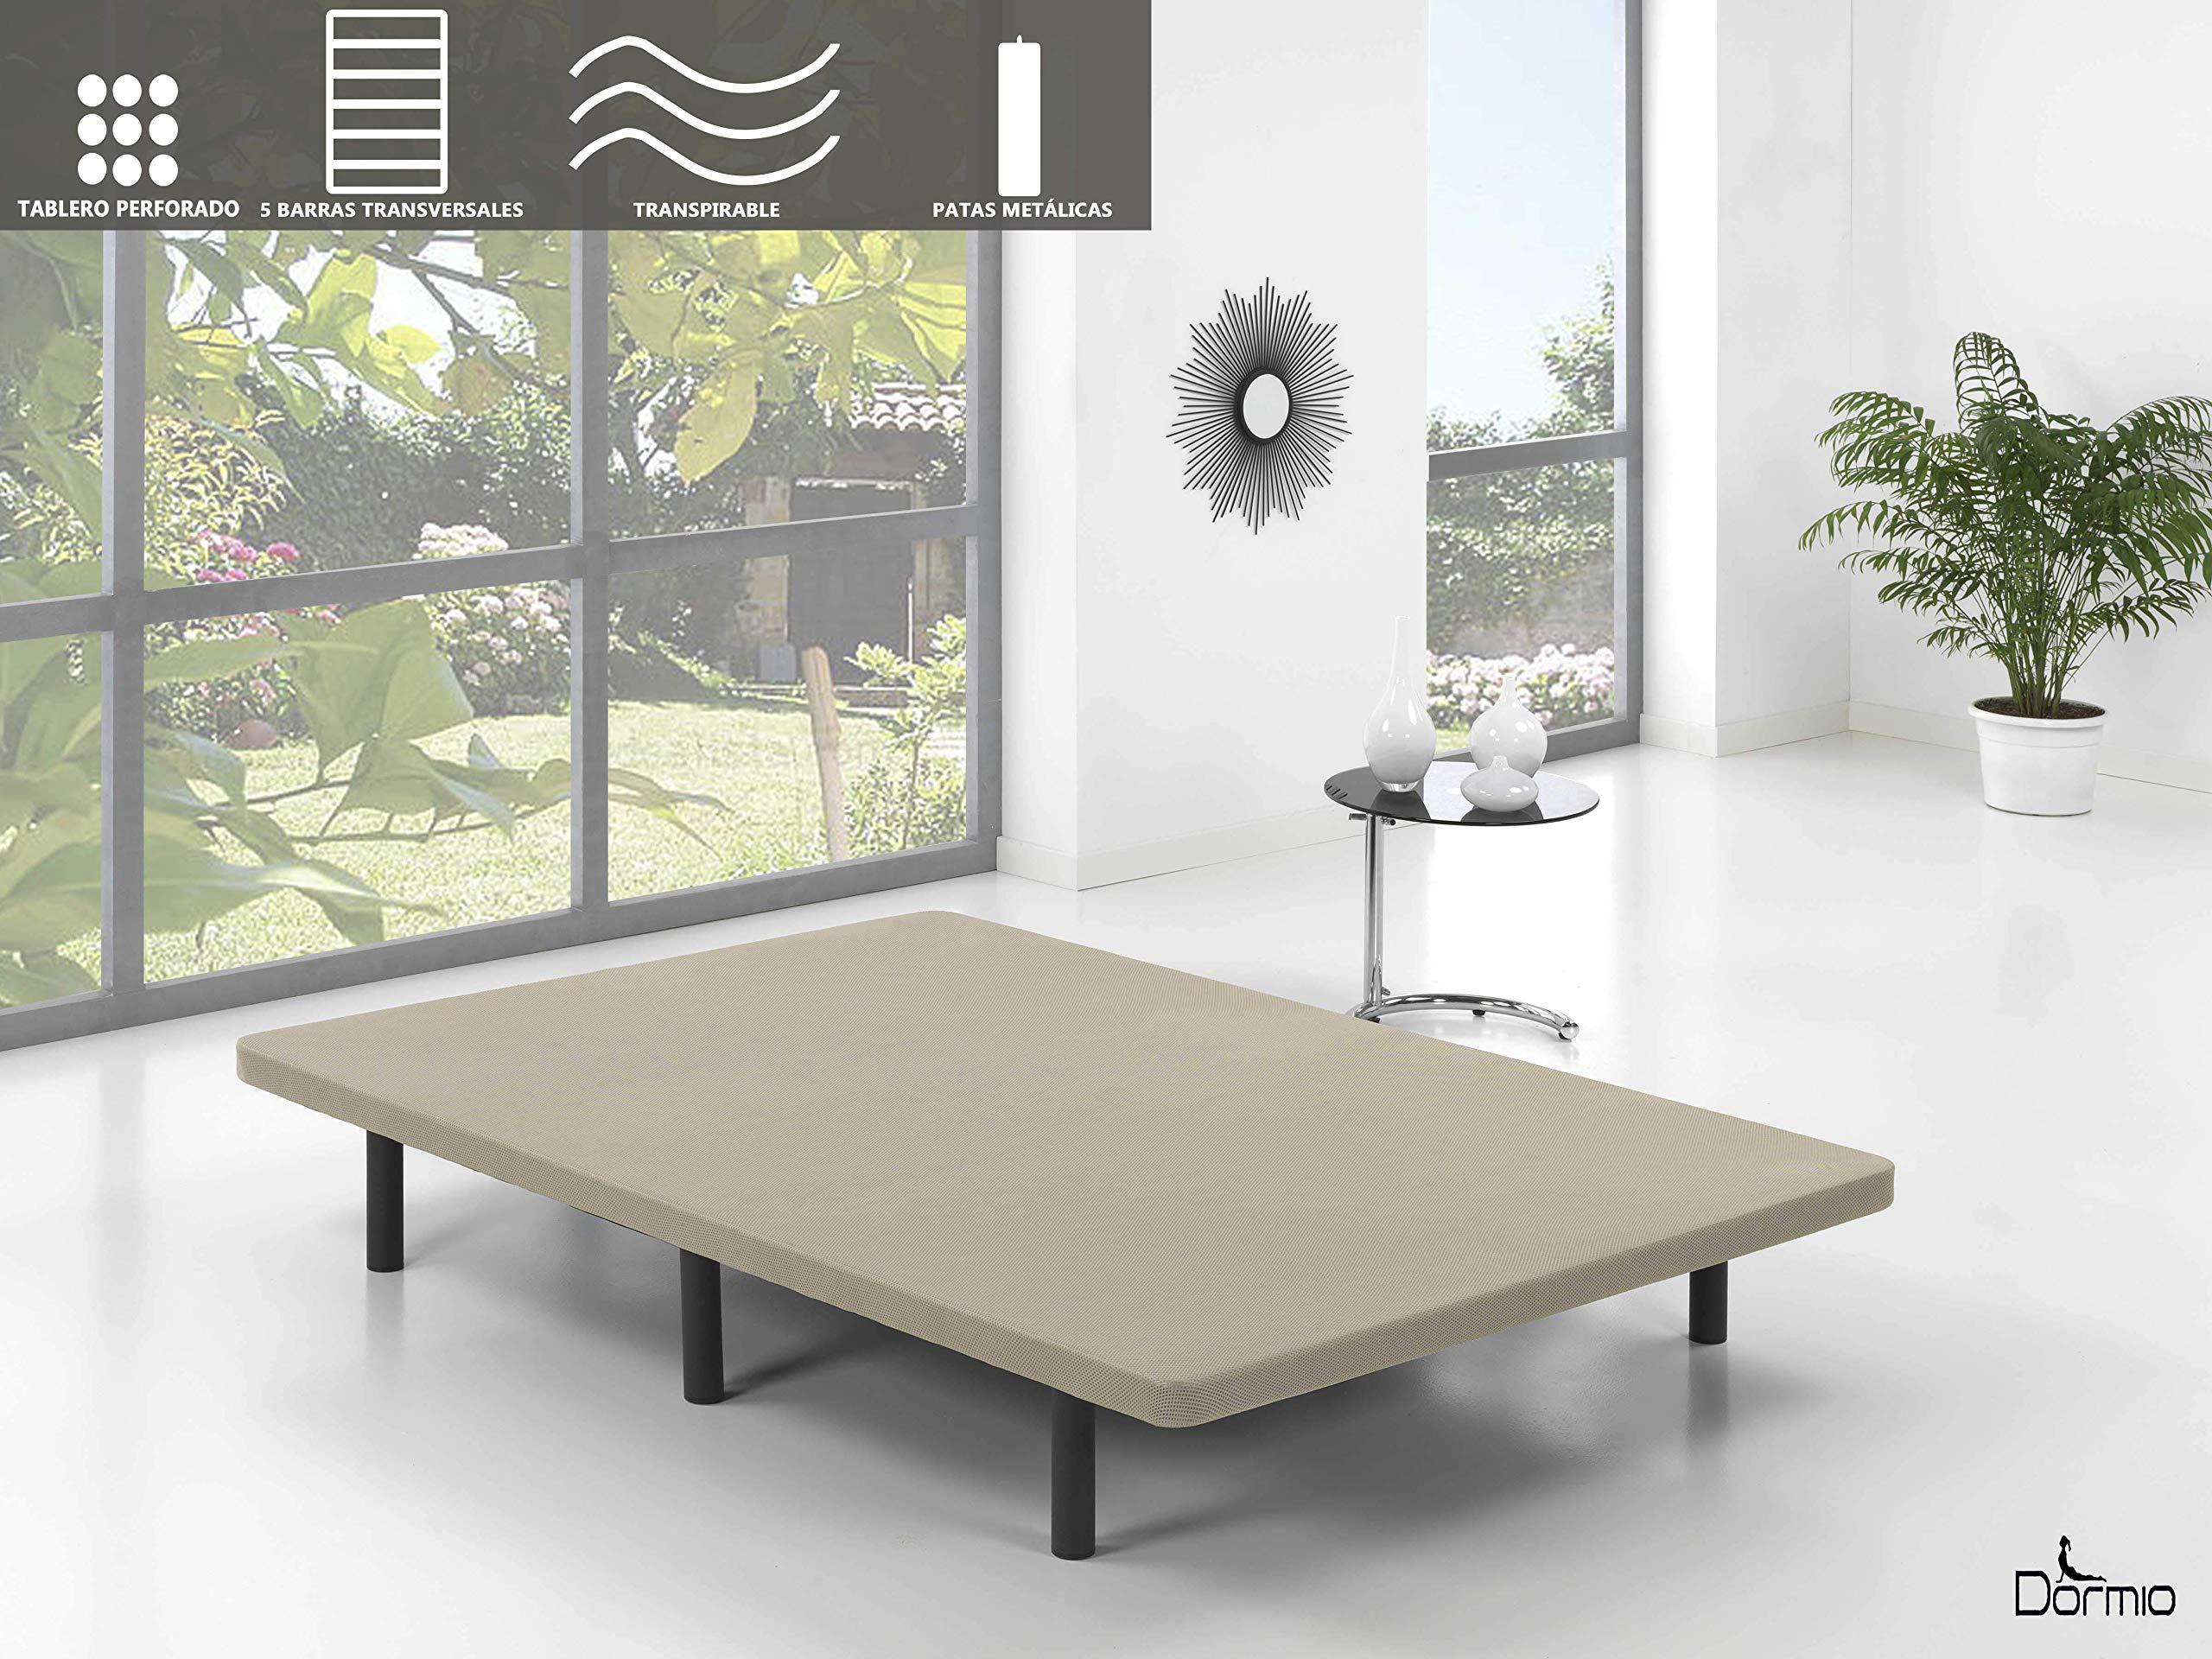 Dormio Base Tapizada con 5 barras transversales + 6 patas de metal, con Tejido Strech